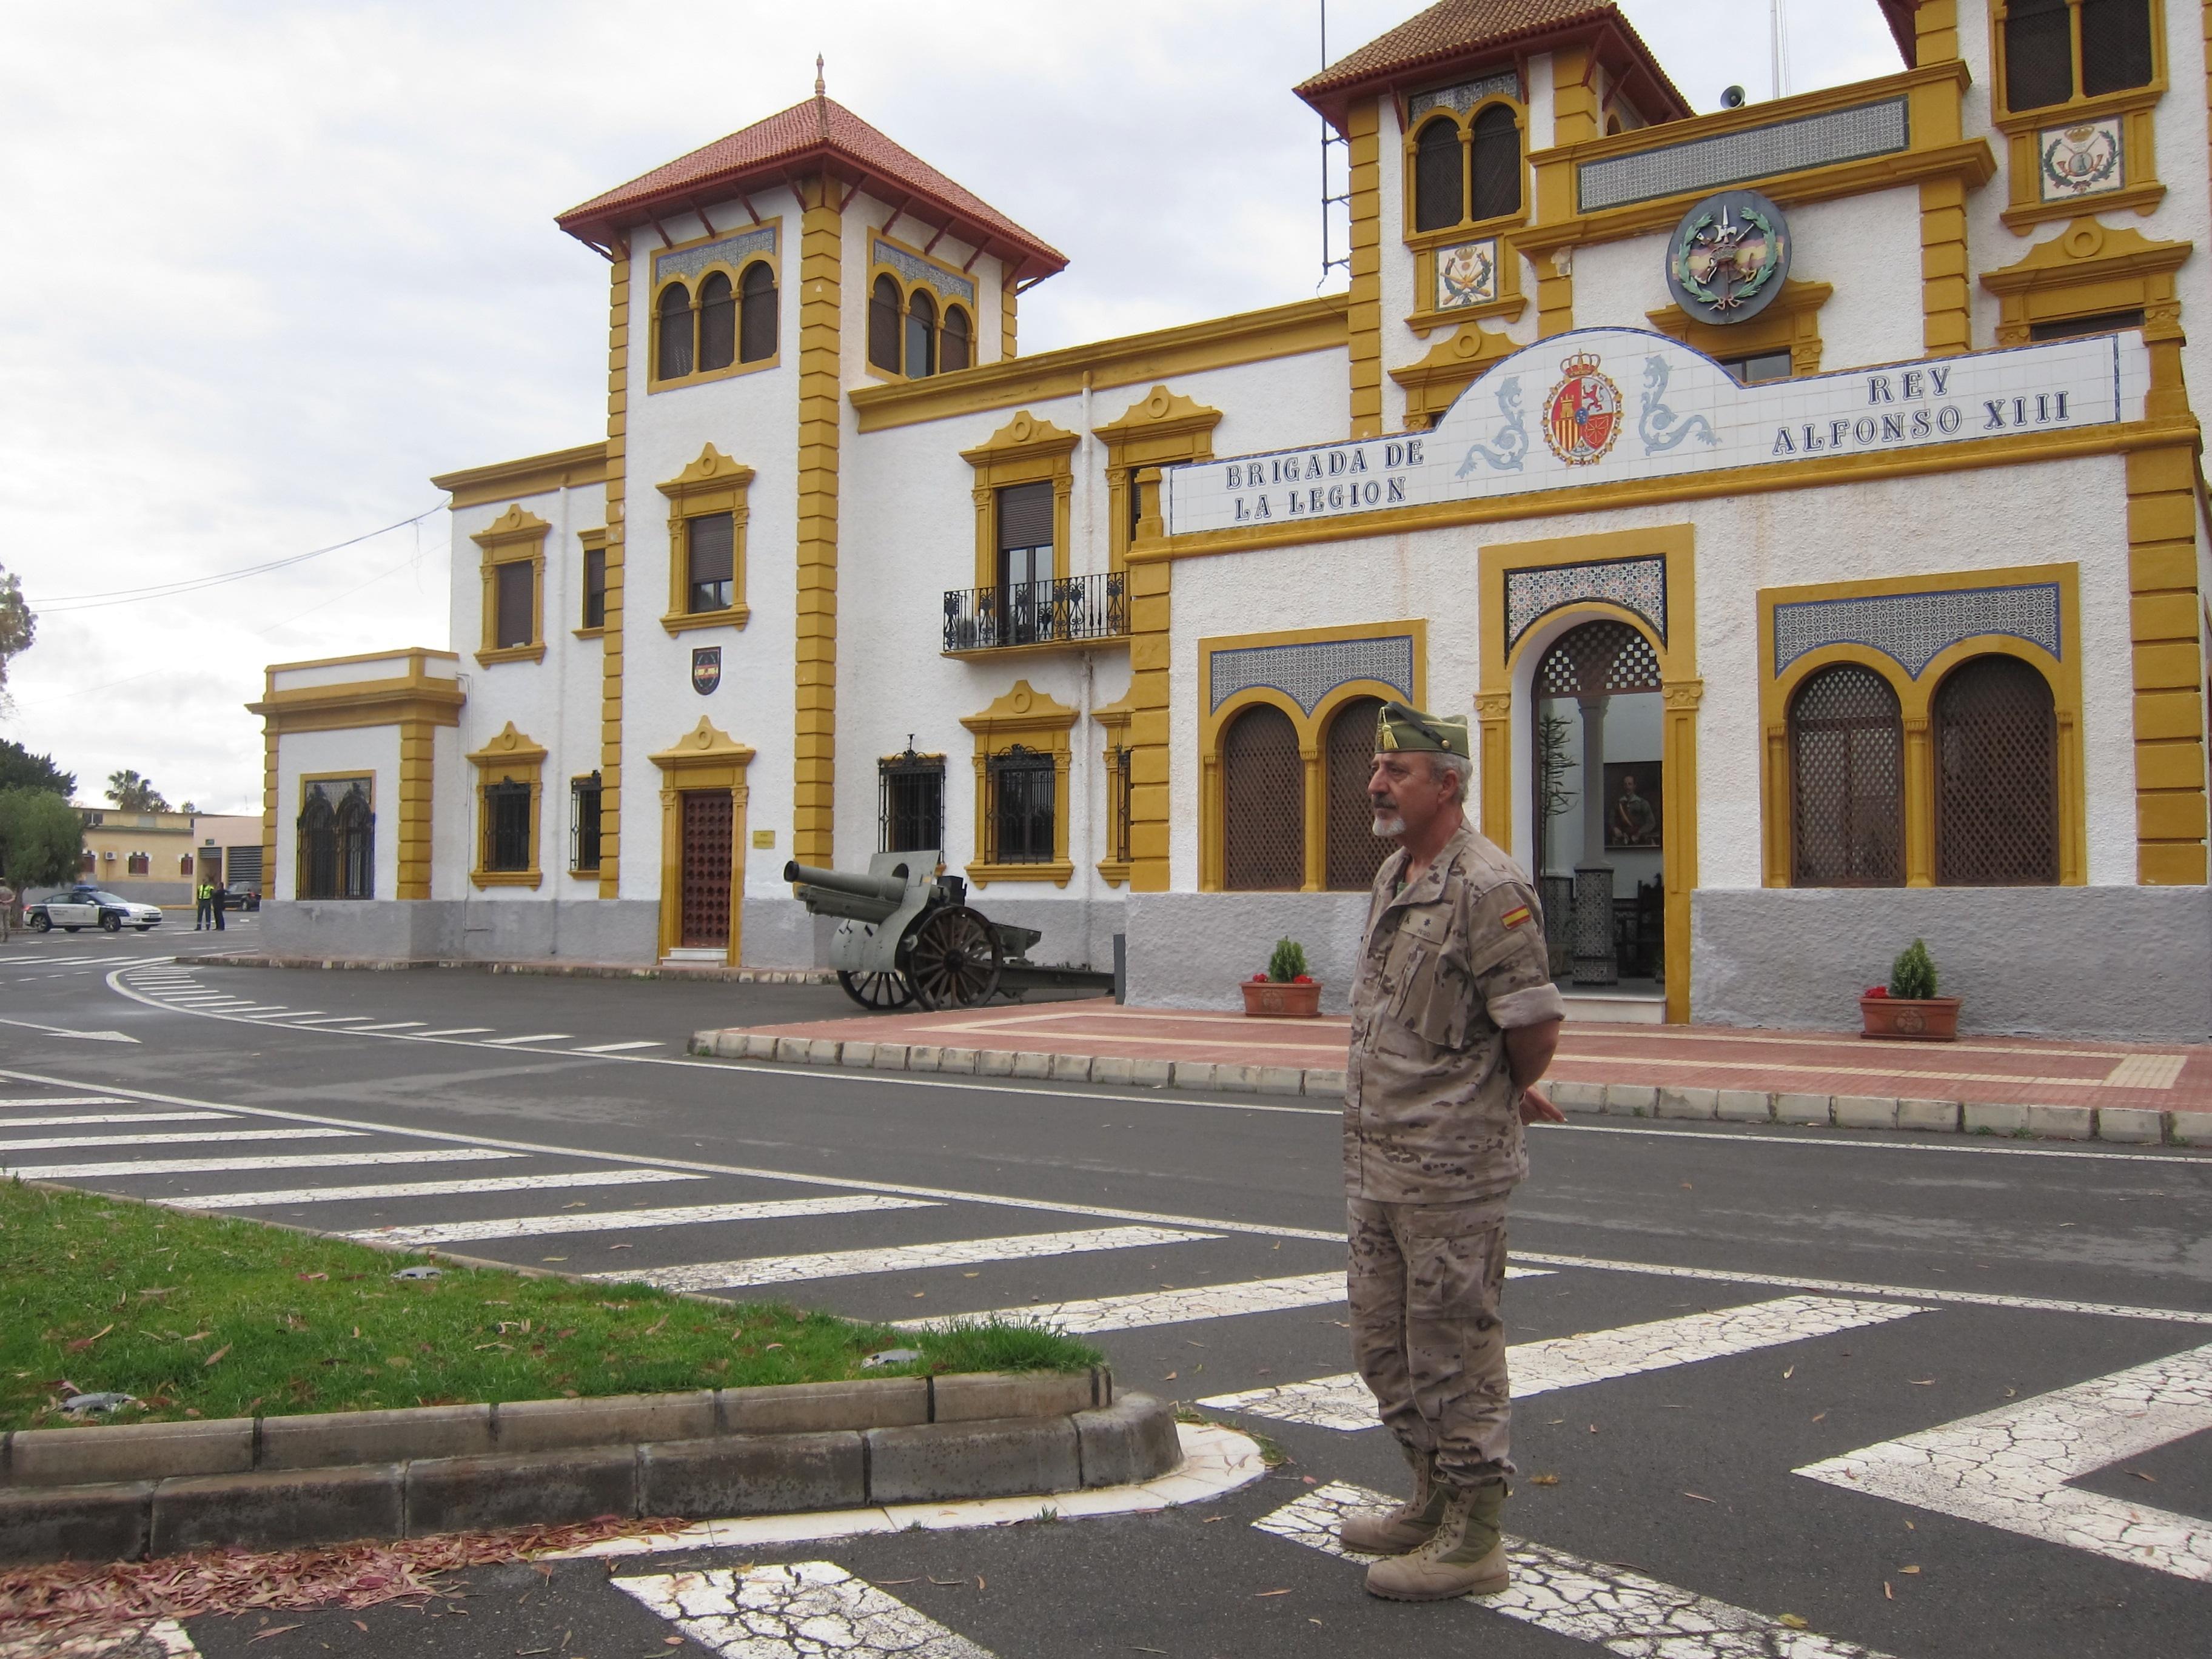 Juez entrega a los familiares los restos mortales de los militares muertos en la explosión en la base de Viator